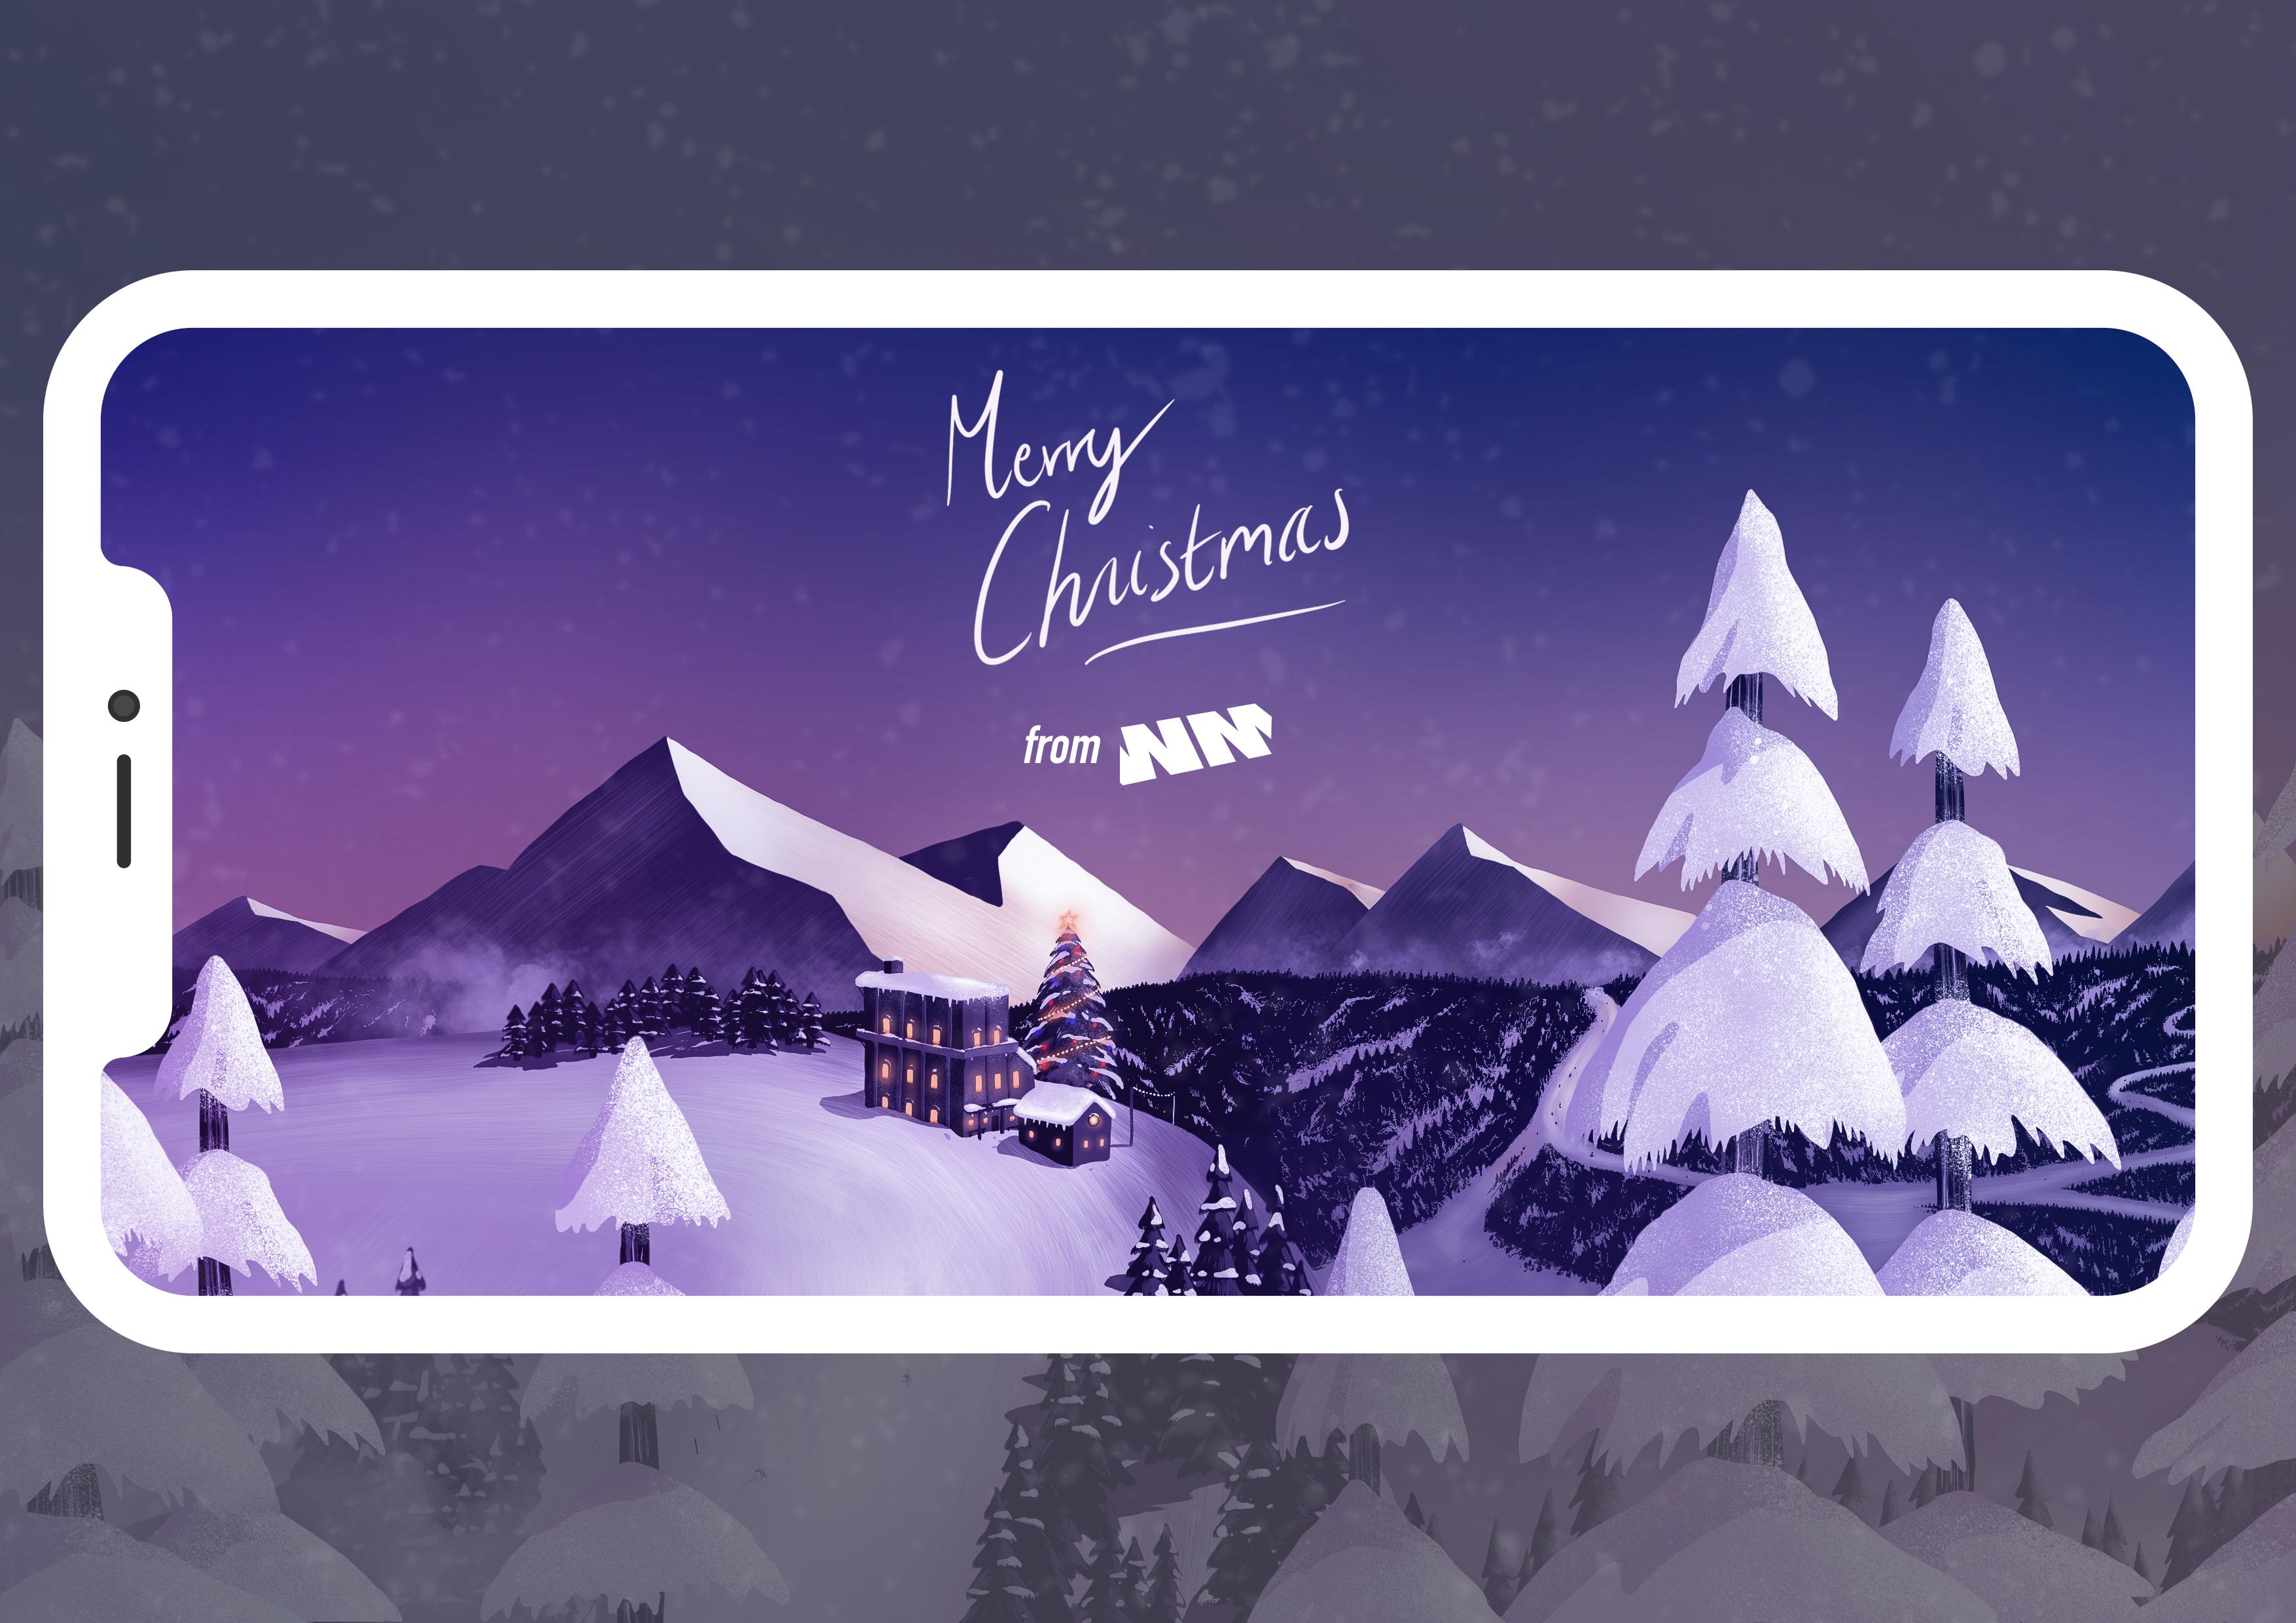 Toute l'équipe de Wmaker vous souhaite un Joyeux Noel